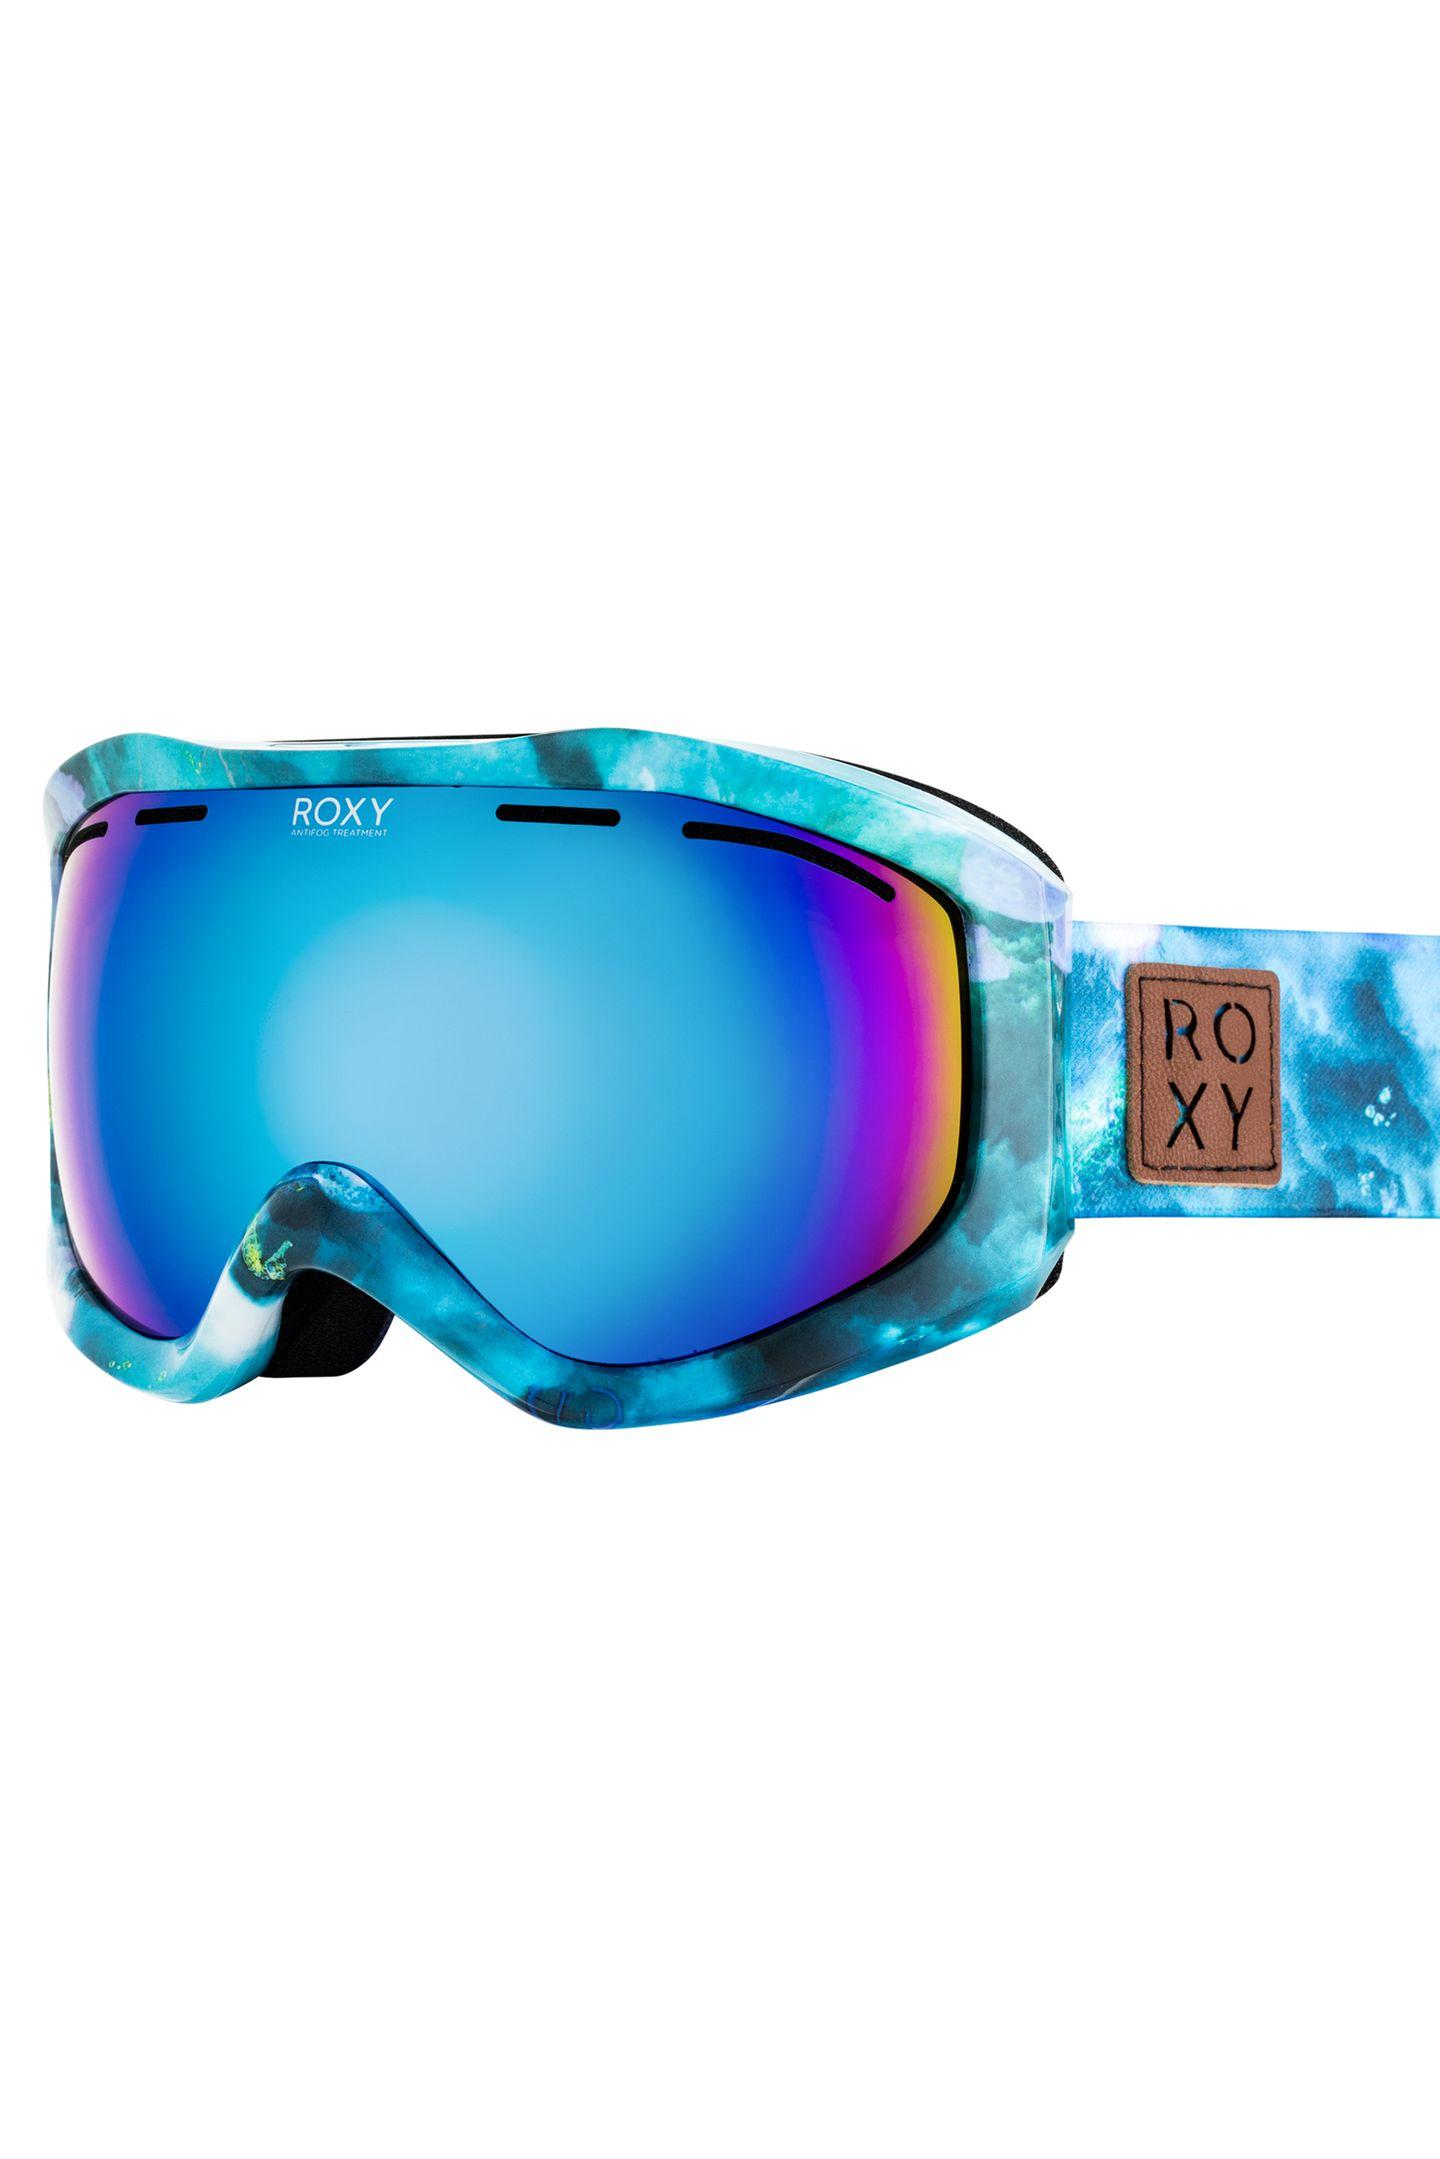 Hier sieht man nicht rosarot, sondern eisigblau: Mit der Snowboardbrille von Roxy hat man auf der Piste den passenden Durchblick. Von Roxy, ca. 90 Euro.